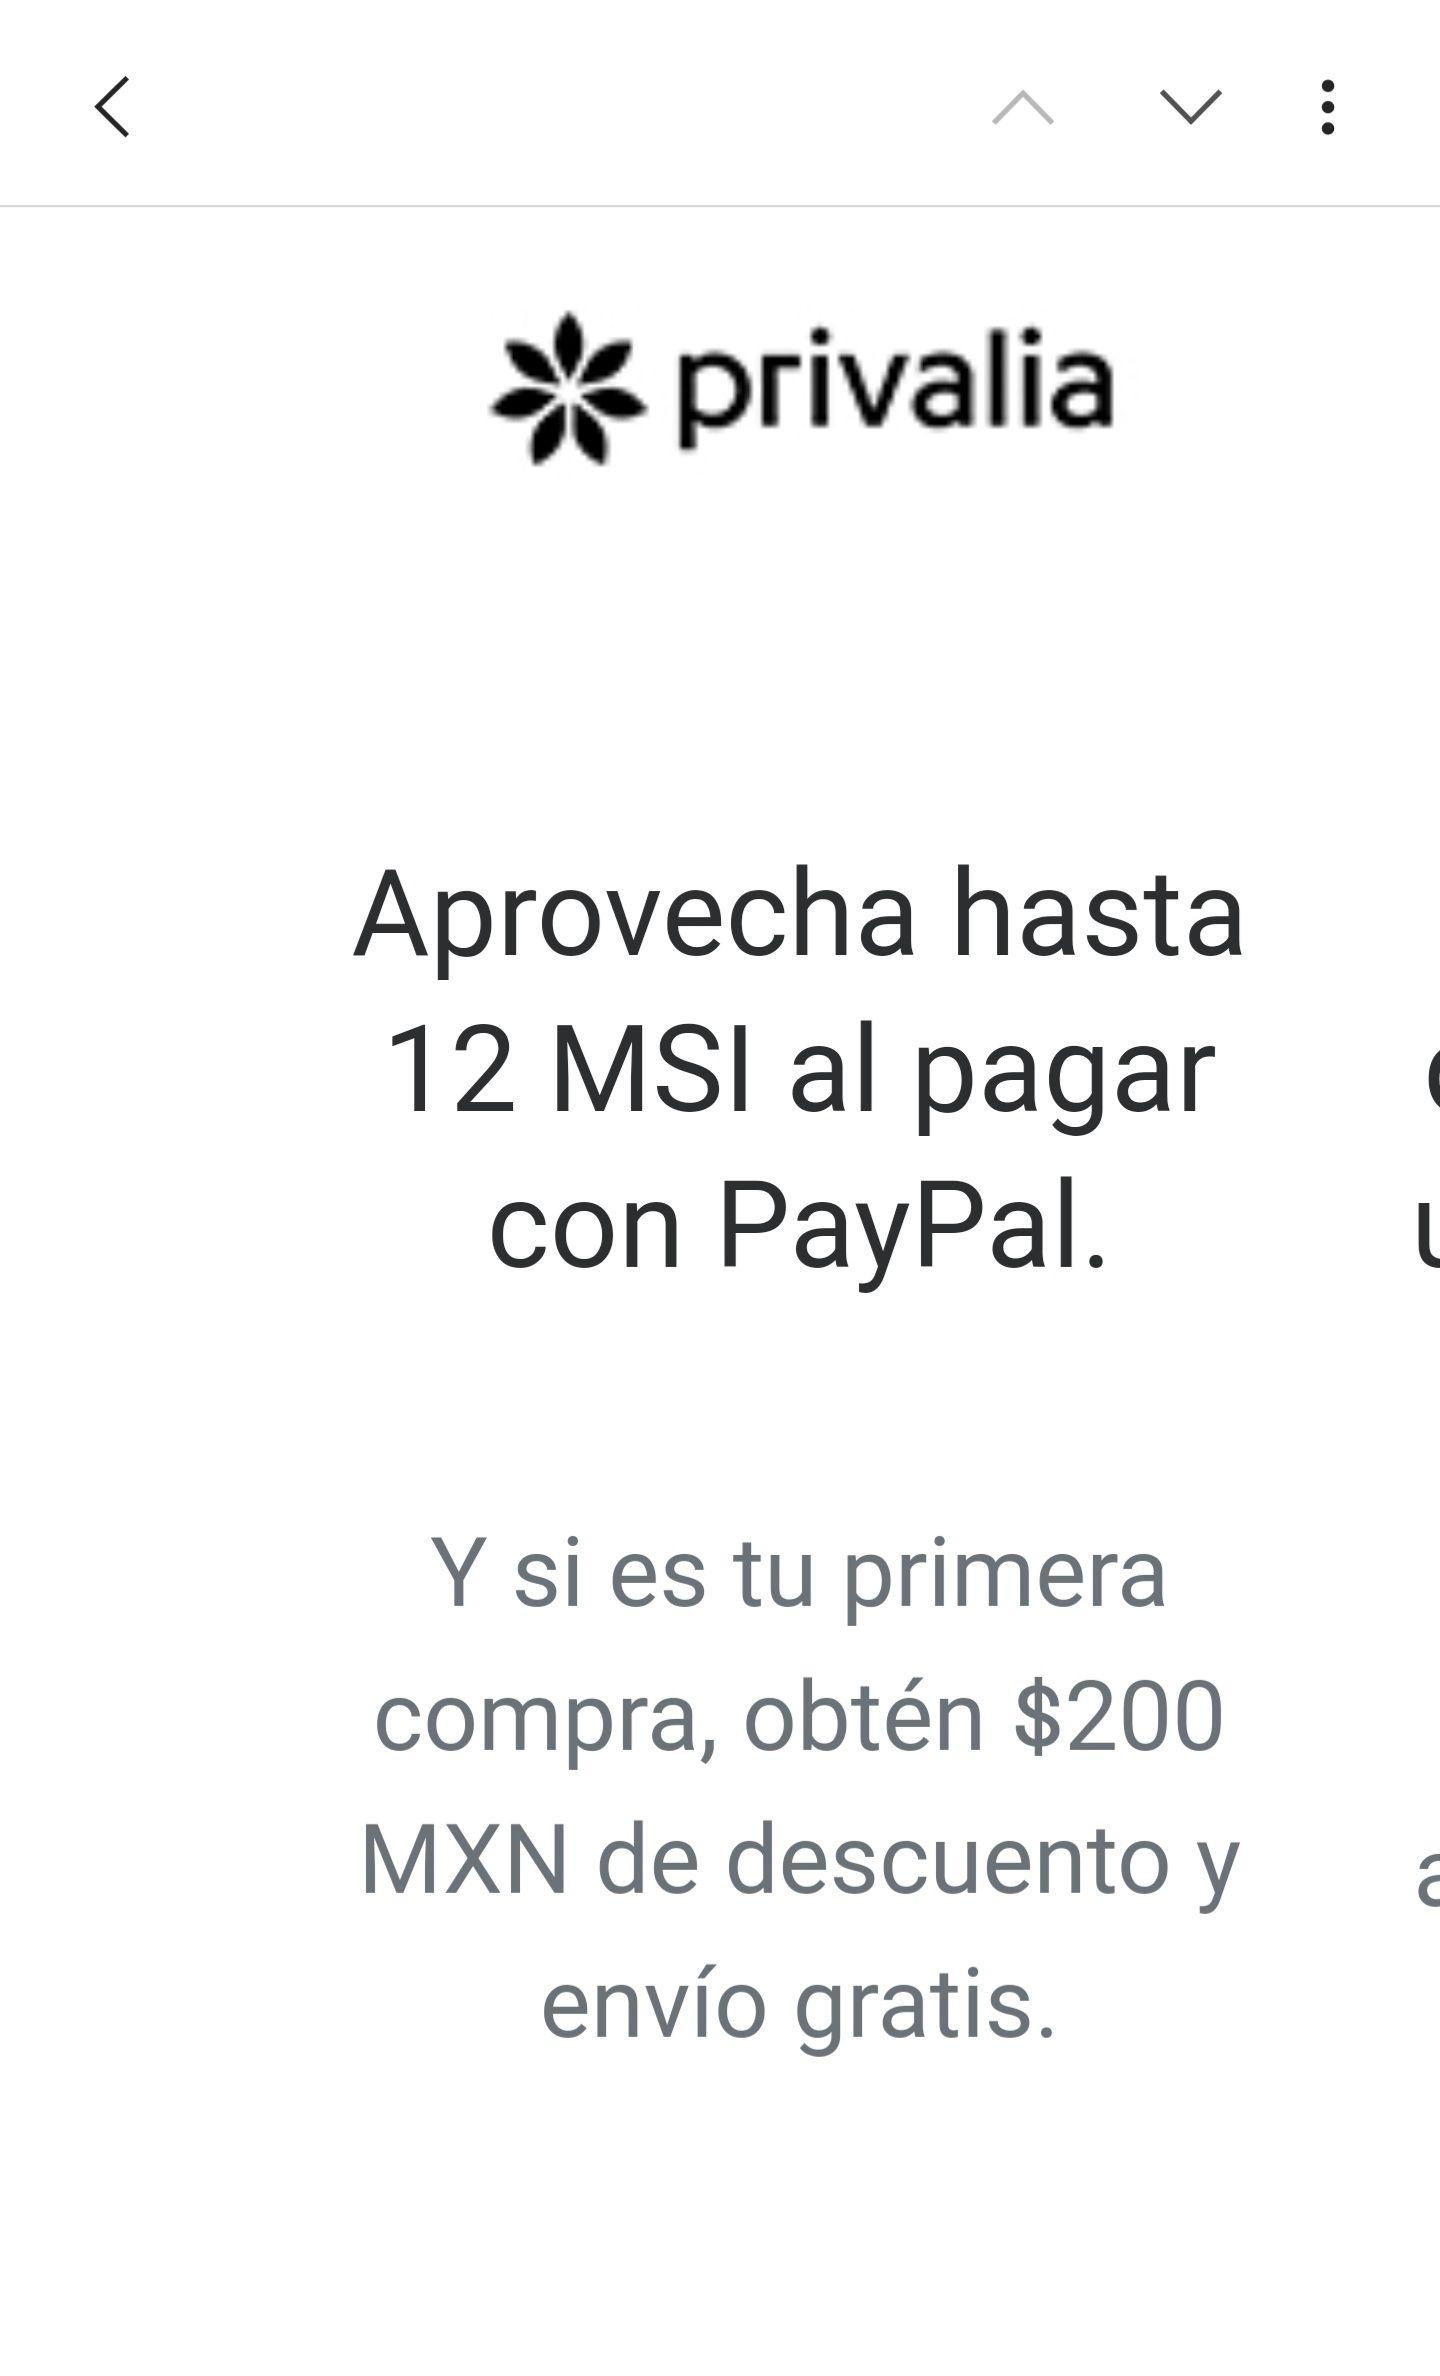 Privalia: $200 pesos de descuento pagando con PayPal y envio gratis (Nuevos usuarios)